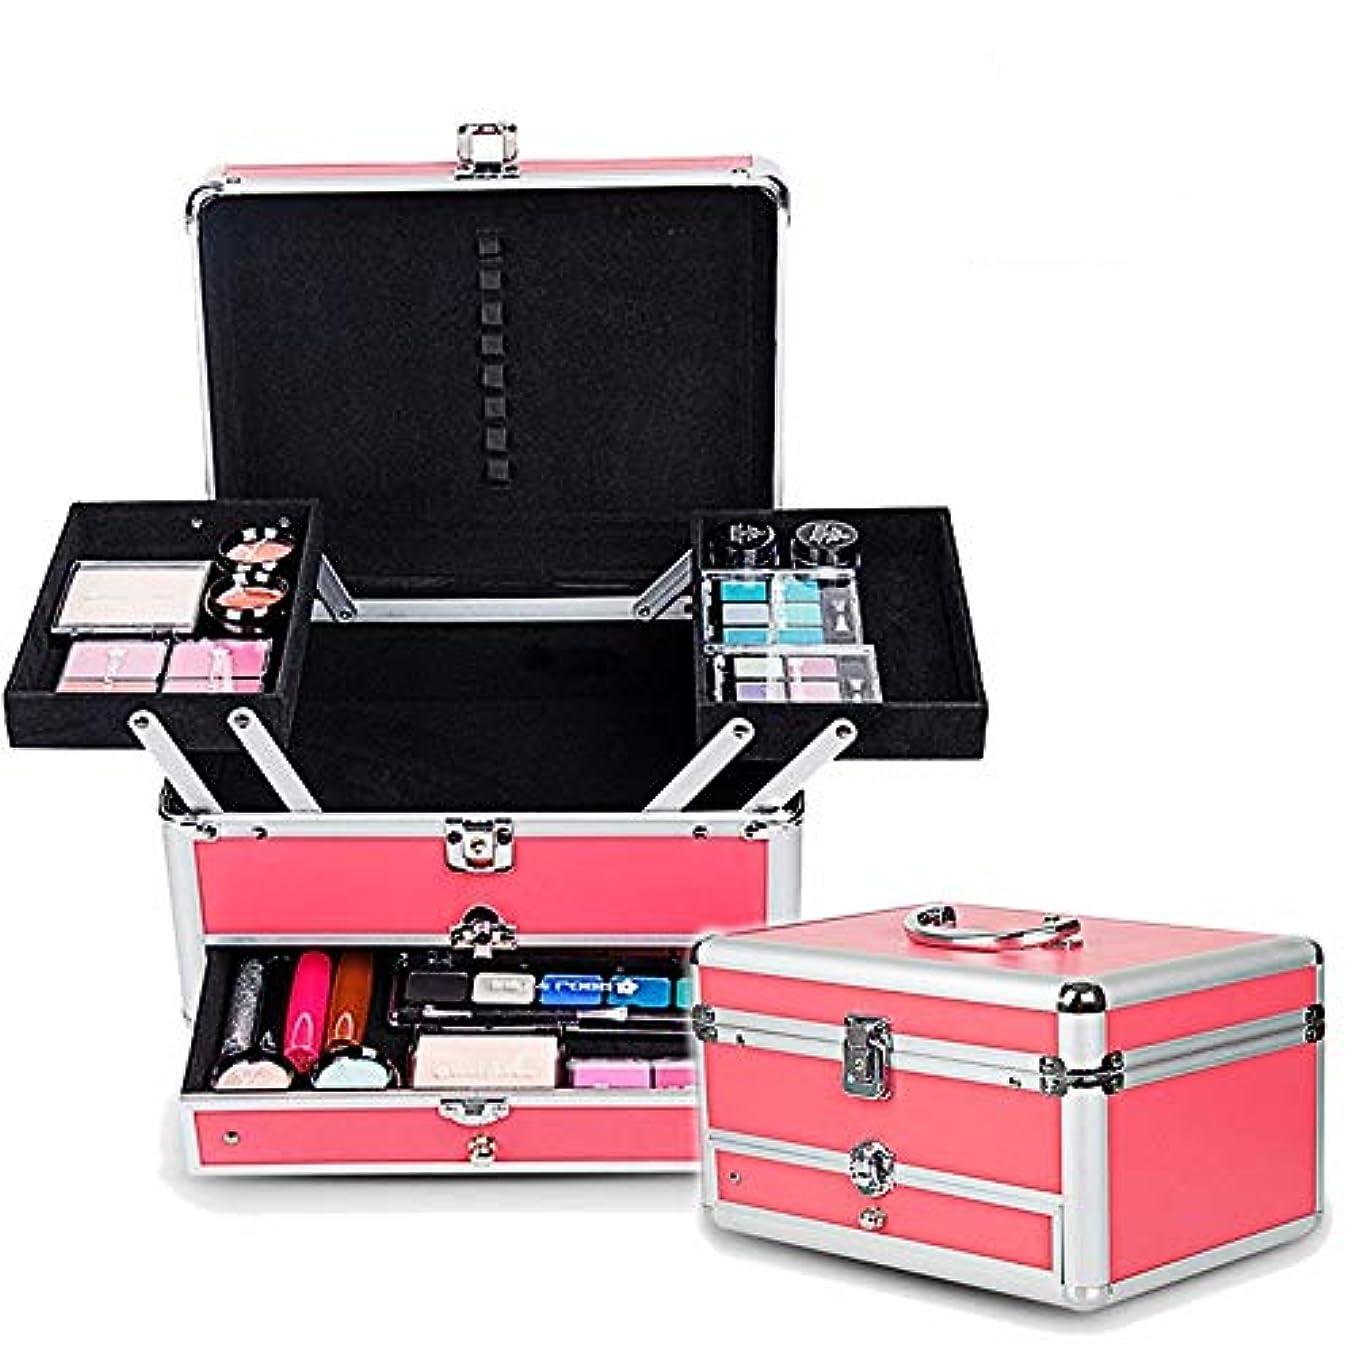 メディアリーダーシップ印をつける化粧オーガナイザーバッグ メイクアップトラベルバッグストレージバッグ防水ミニメイクアップケース旅行旅行のための 化粧品ケース